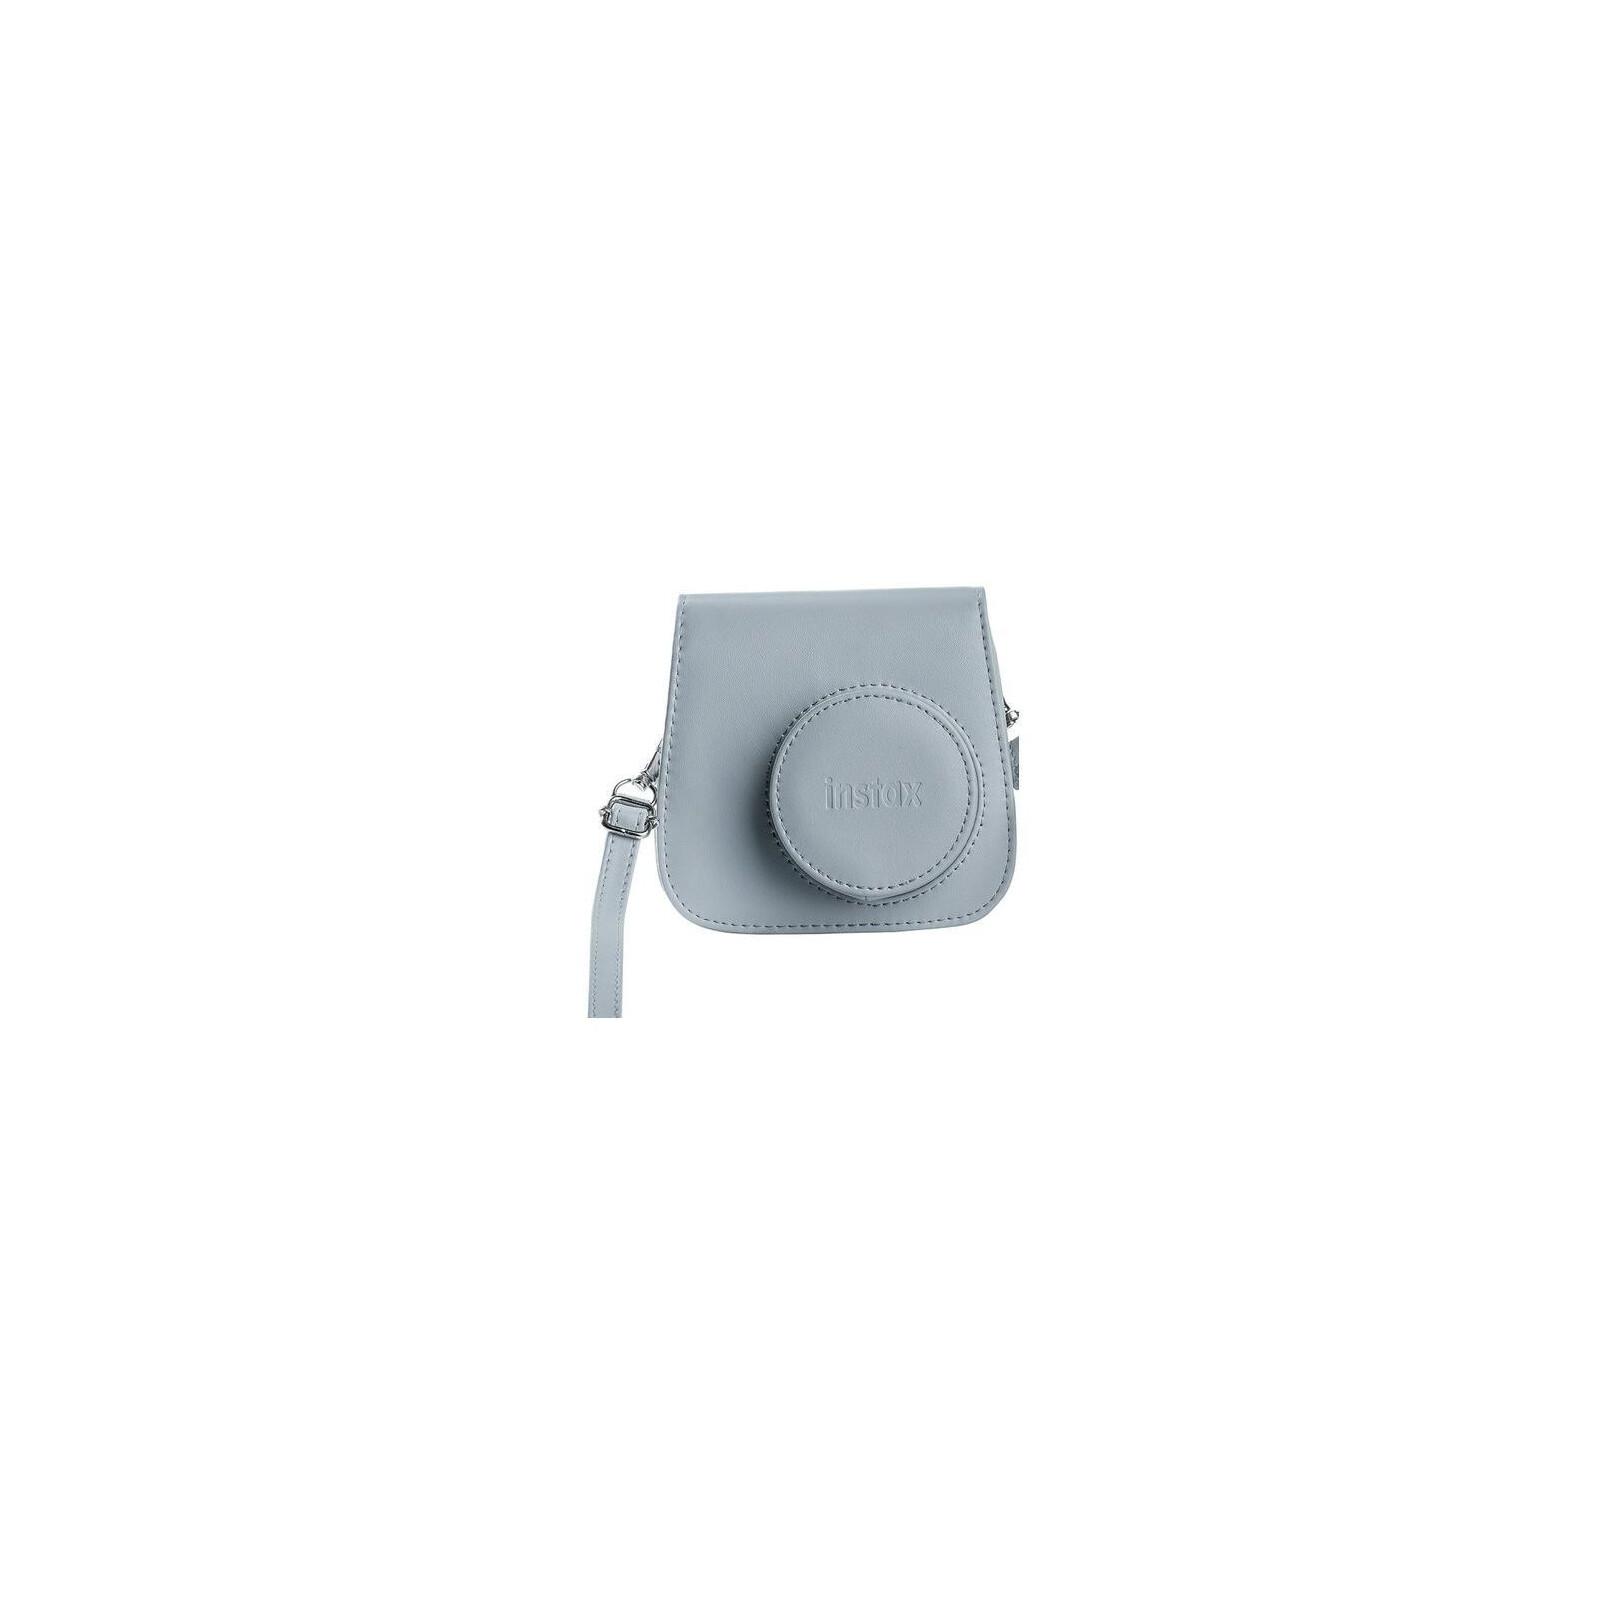 Fujifilm Instax Mini 9 Case Smoky White